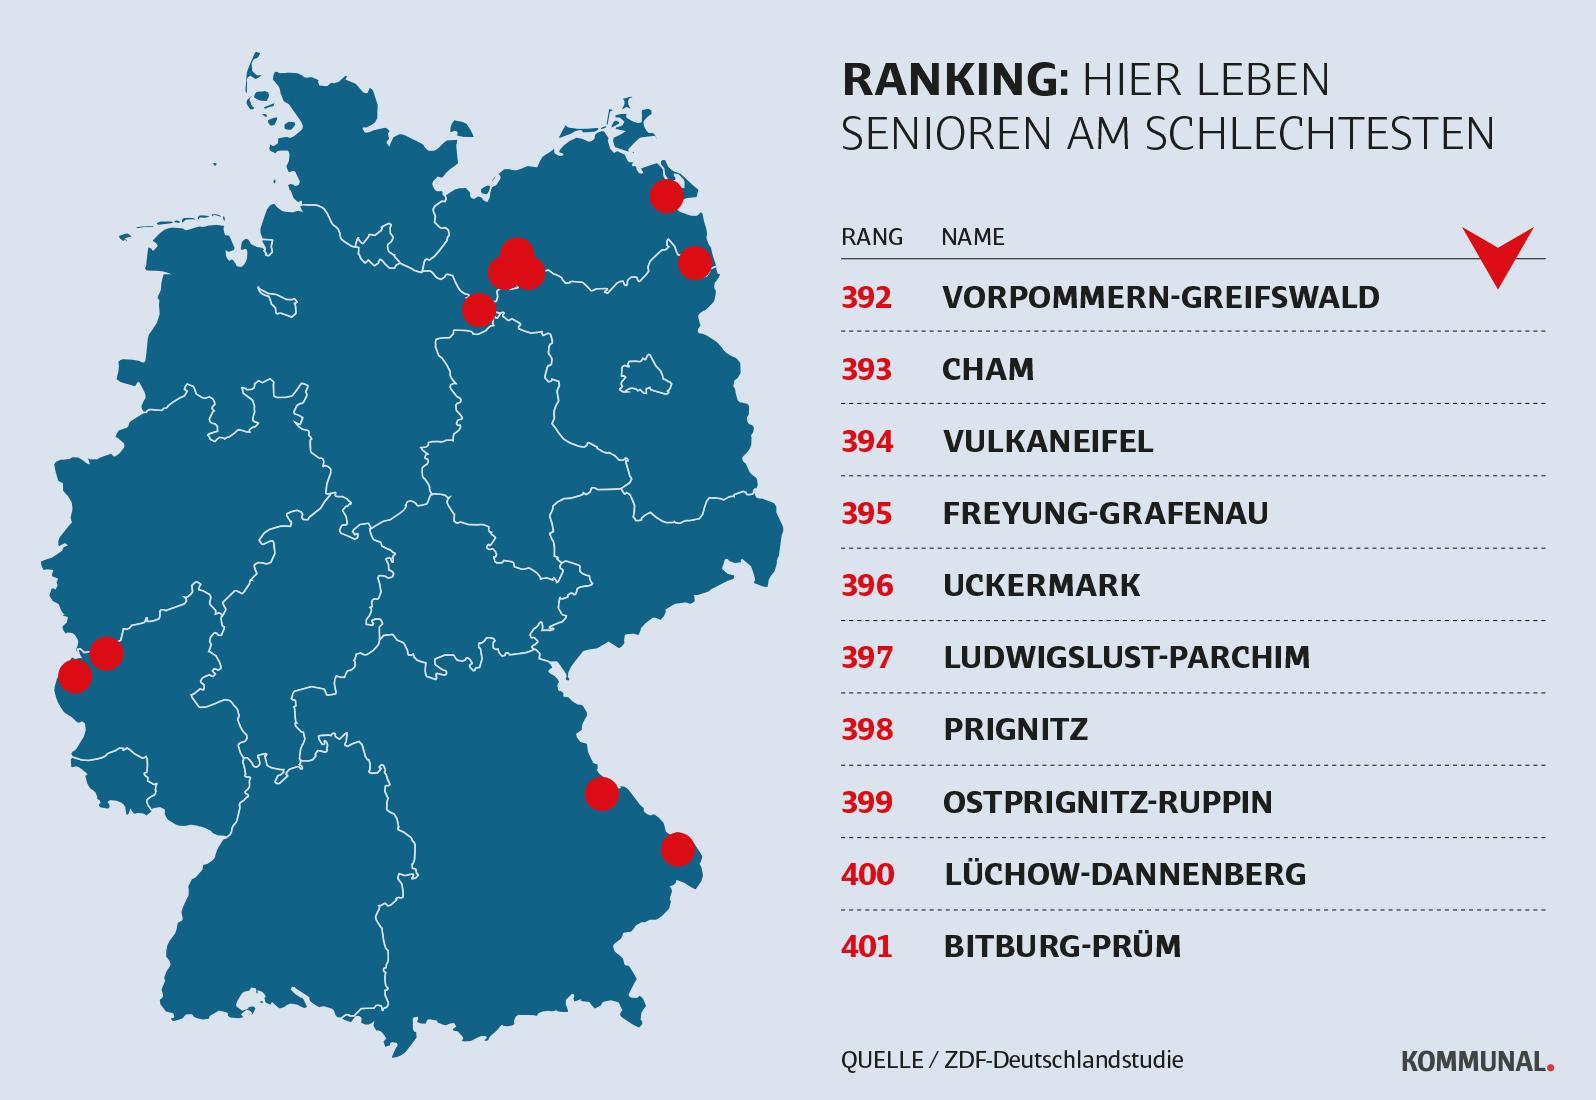 Landkreis-Ranking - das sind die Verlierer der Studie